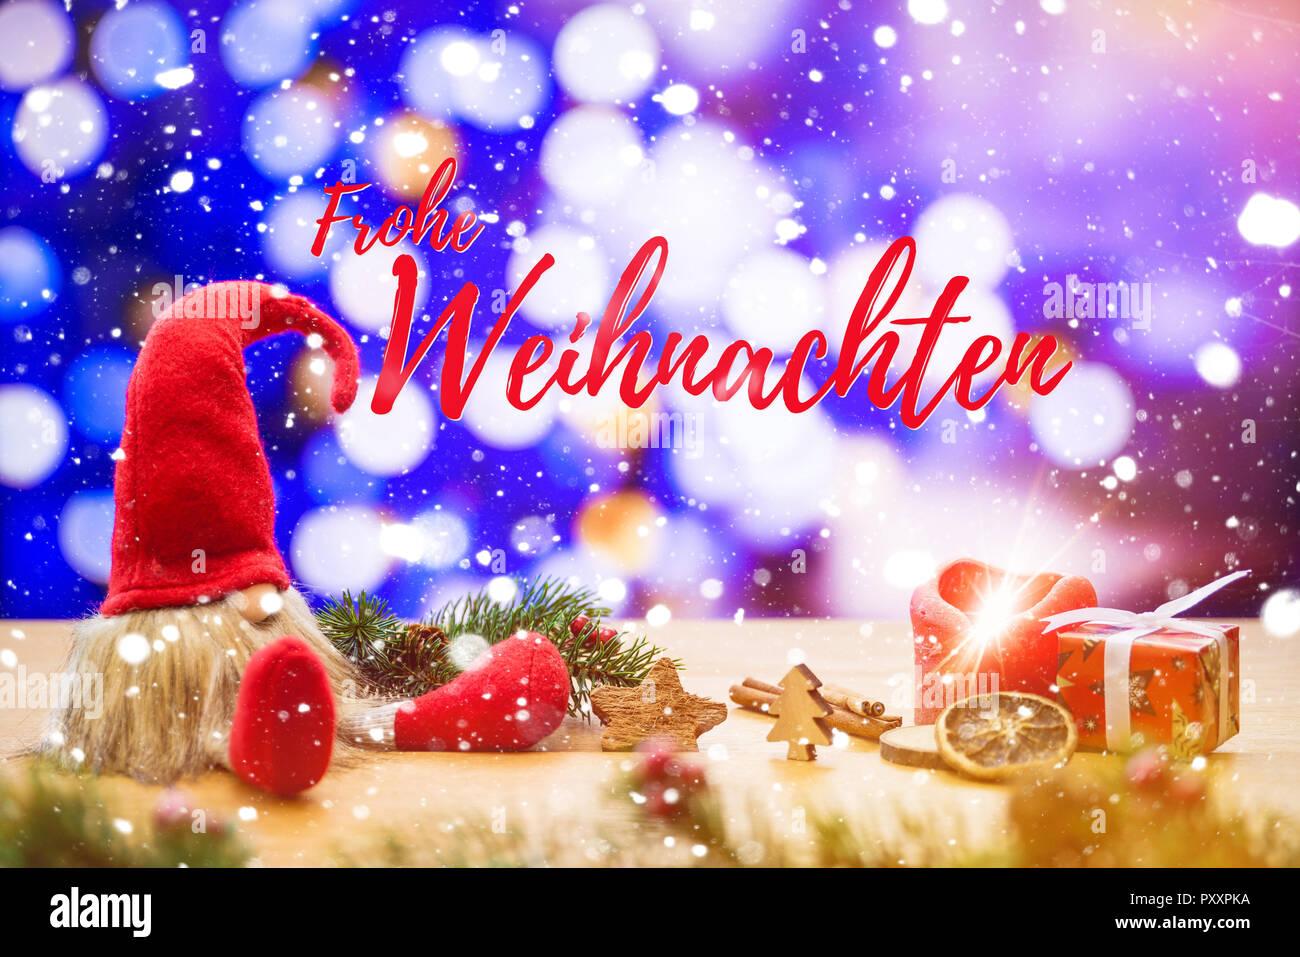 In Diesem Sinne Frohe Weihnachten.Red Sitzen Weihnachten Elf In Fallenden Schnee Mit Deutschen